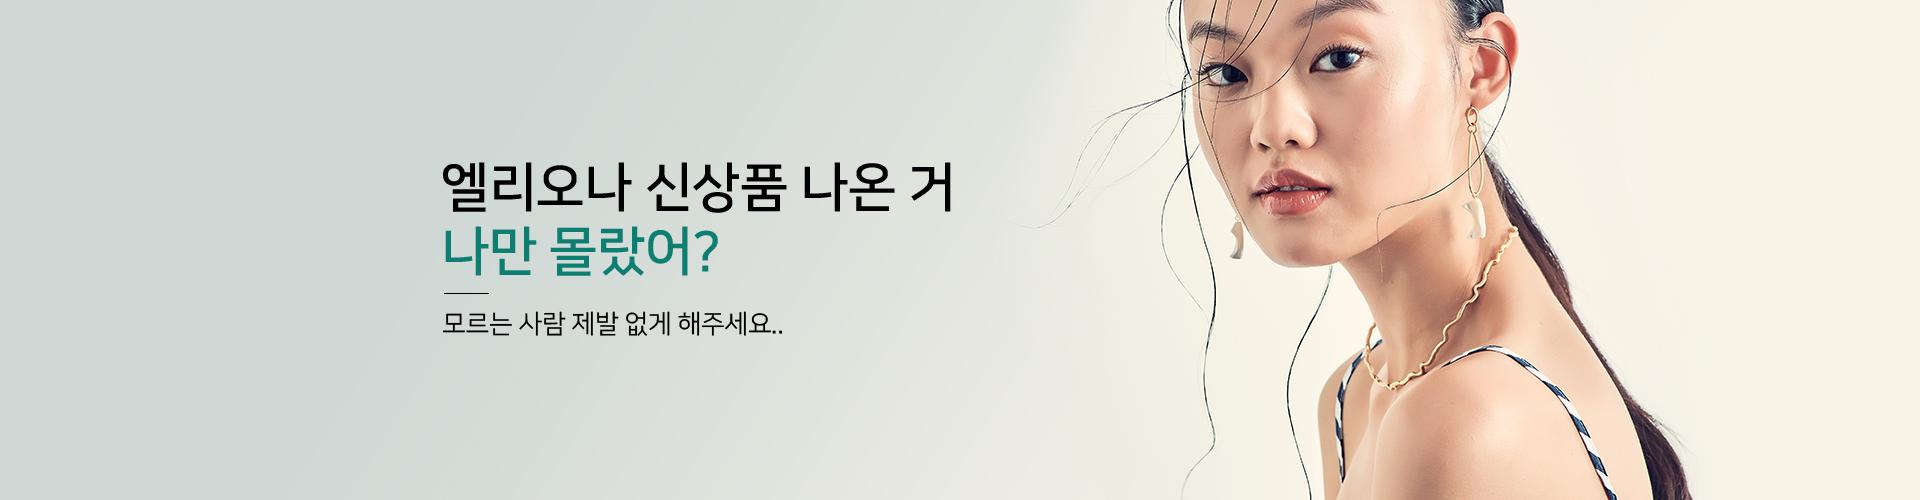 [기획전] 엘리오나